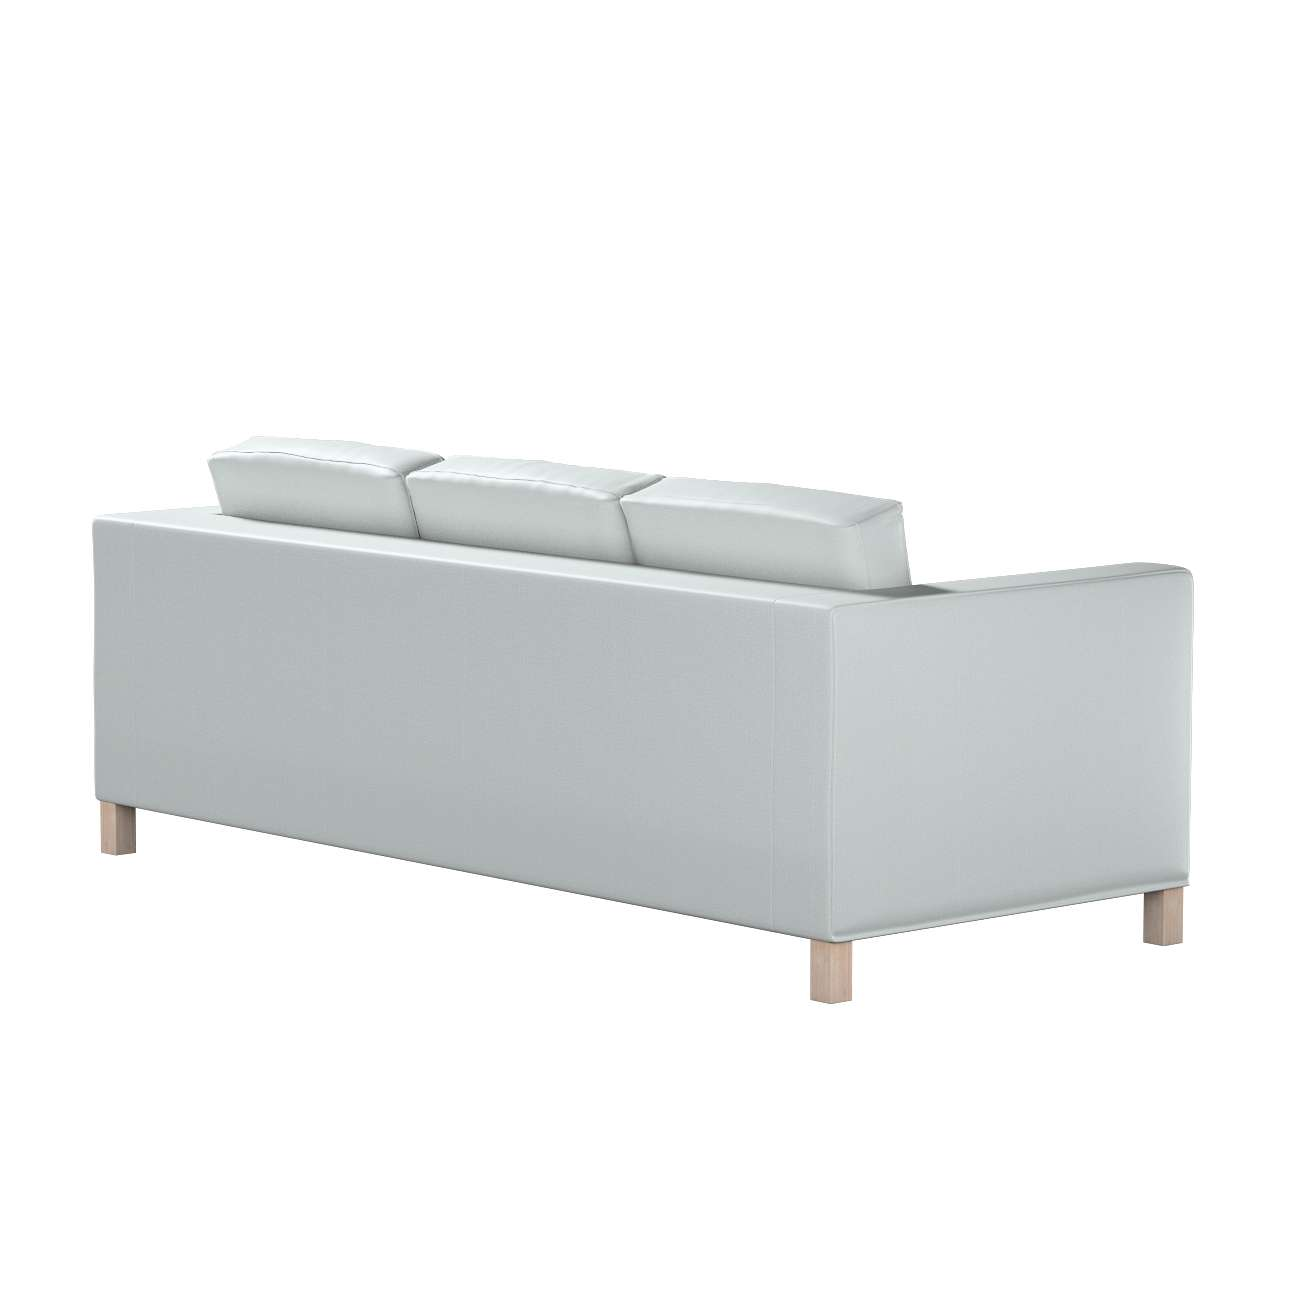 Bezug für Karlanda 3-Sitzer Sofa nicht ausklappbar, kurz von der Kollektion Bergen, Stoff: 161-72